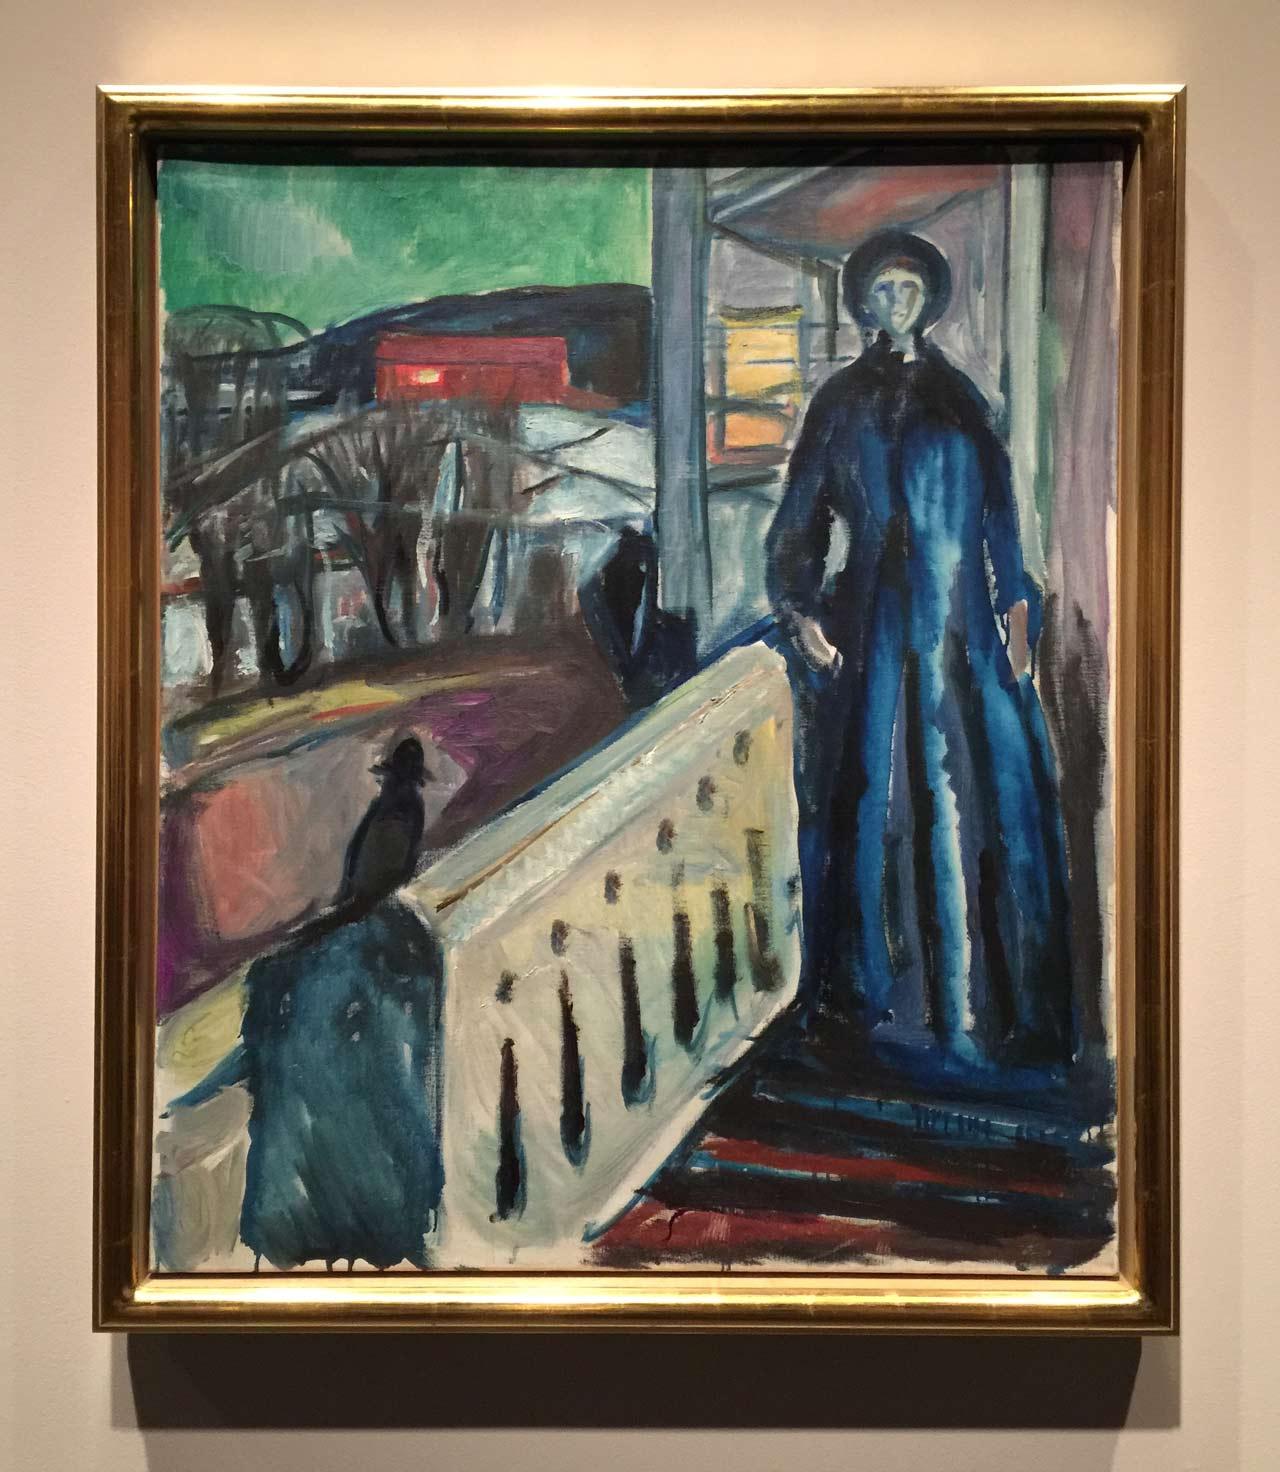 Edvard-Munch-On-Veranda-Stairs-1922-24-Munch-Museum.jpg